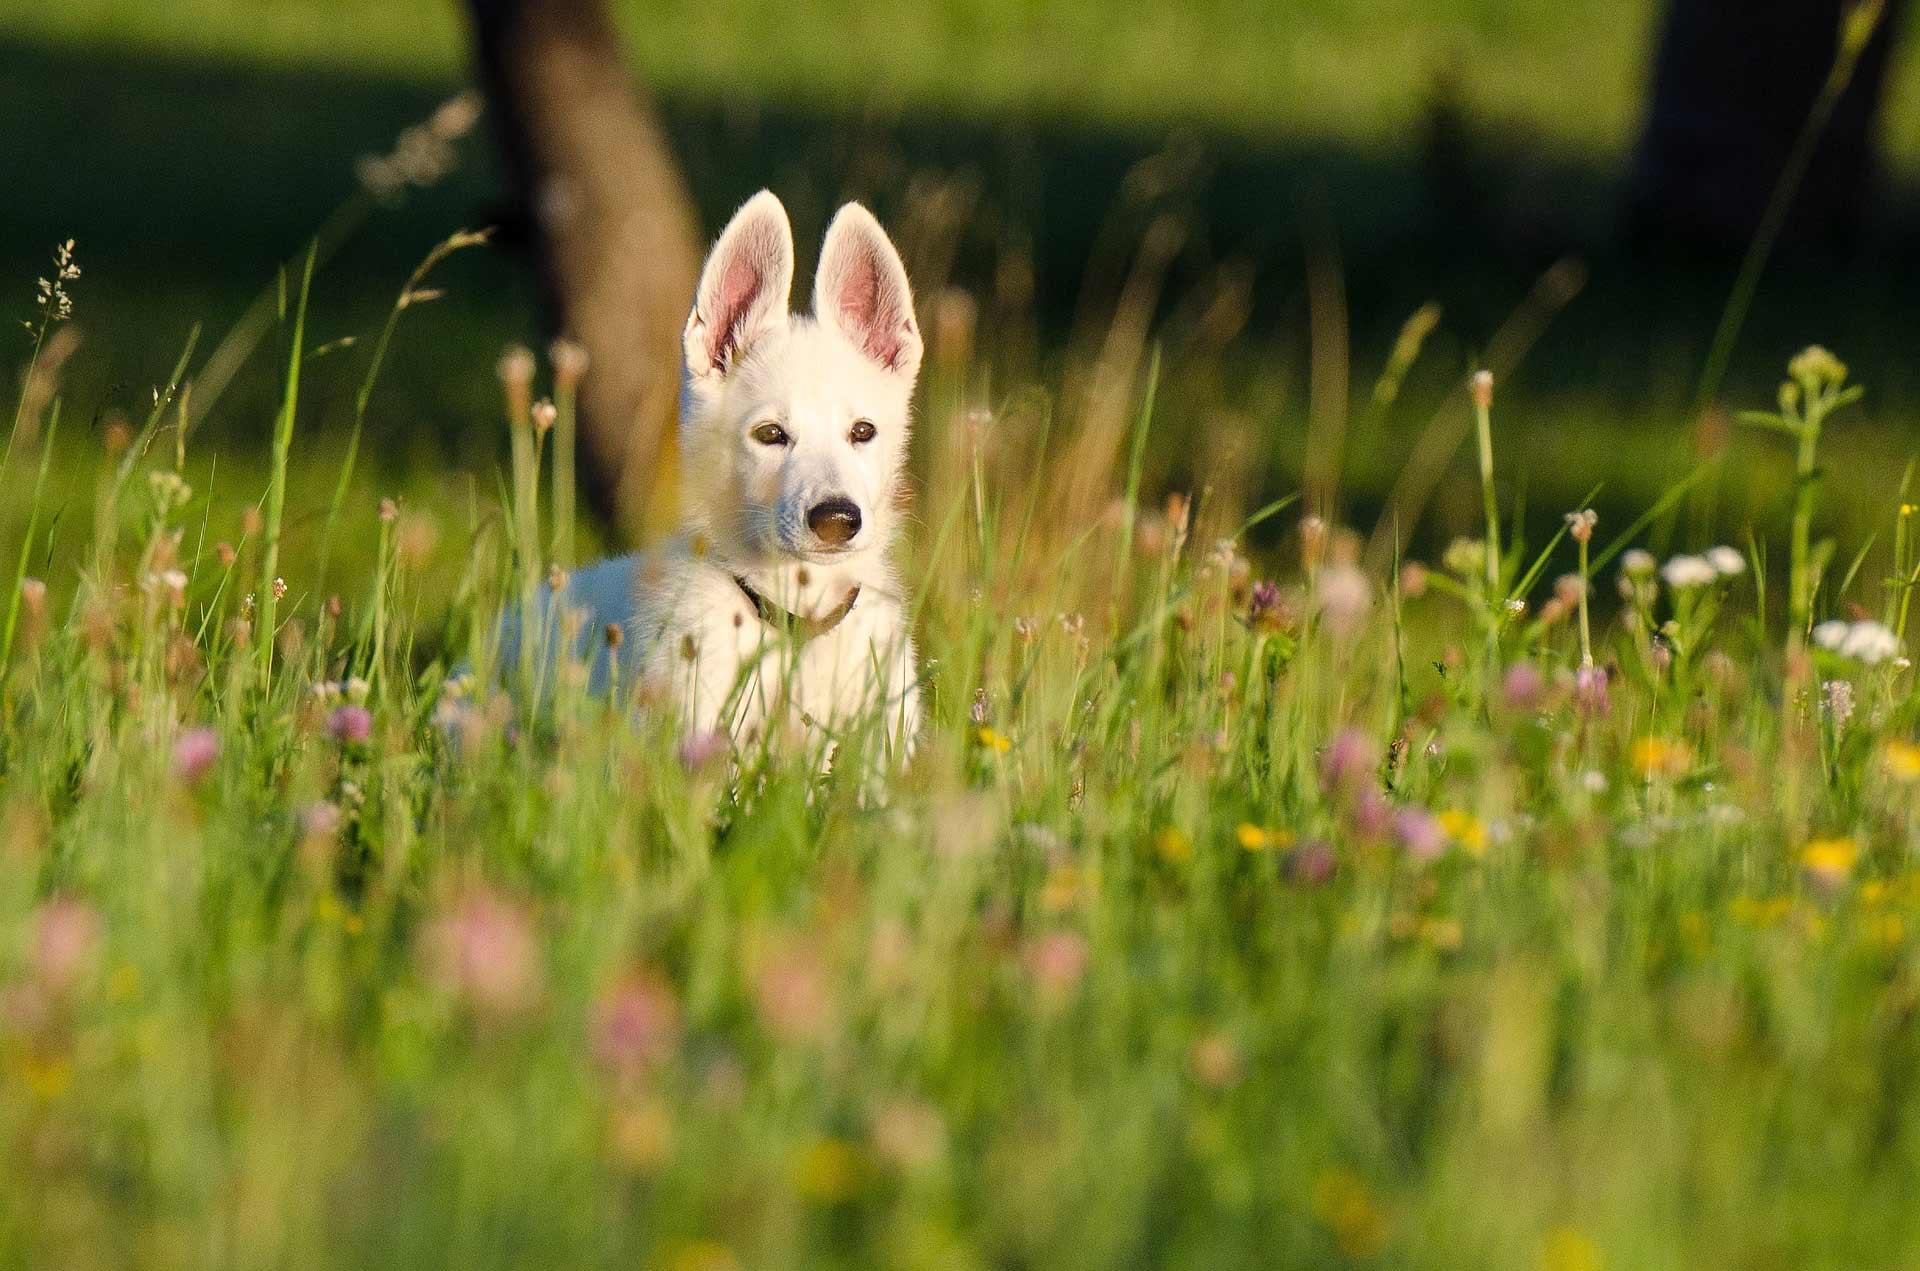 Pollenallergie Hund - Übersicht von Symptomen, wenn dein Hund unter einer Pollenallergie leidet